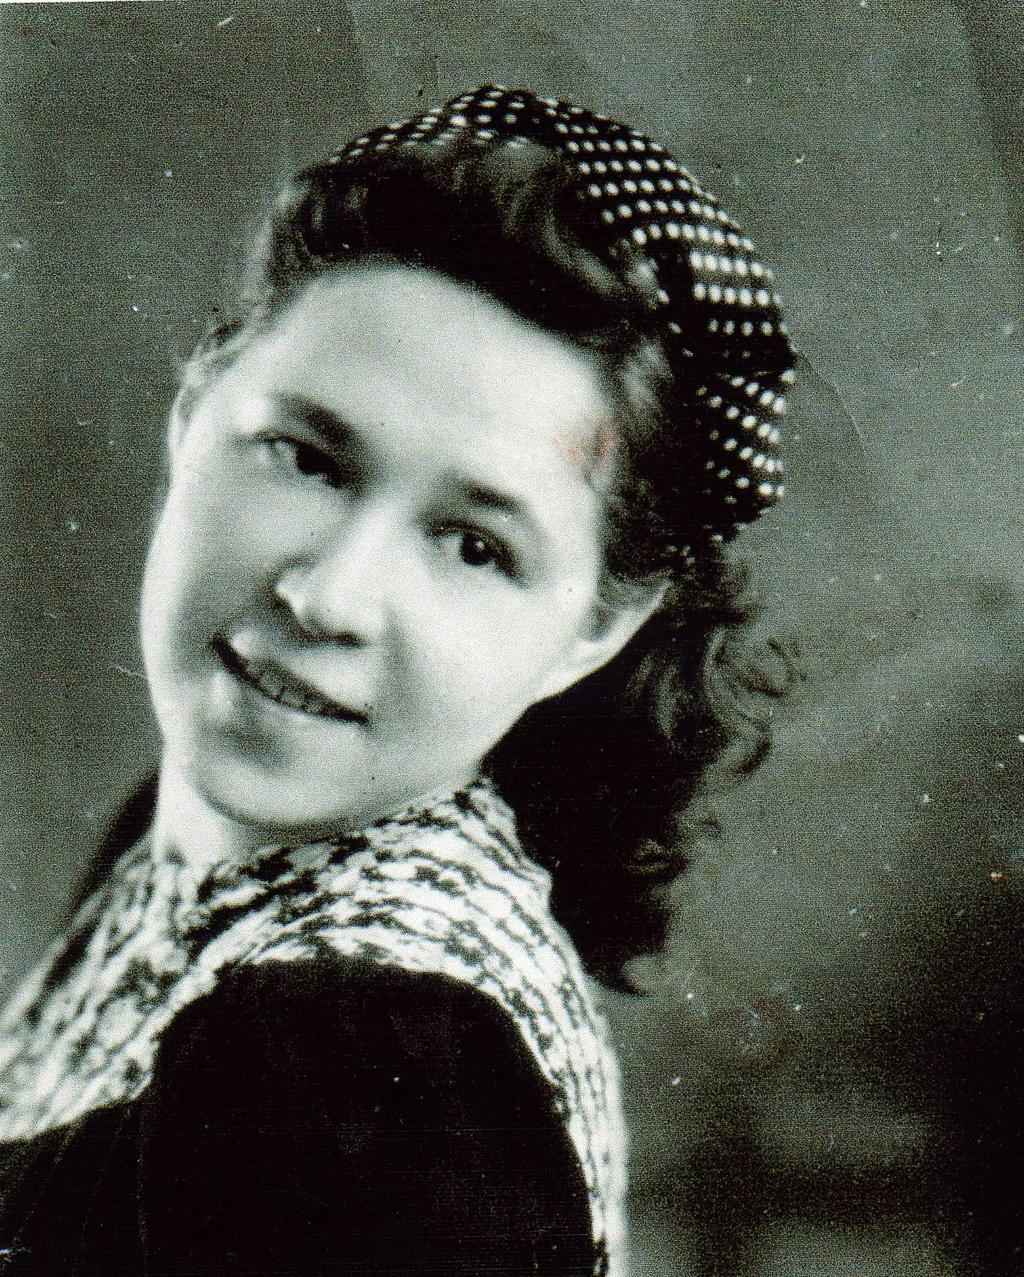 Фото №89862. Фото. Серебрякова М. А. Казань.1945